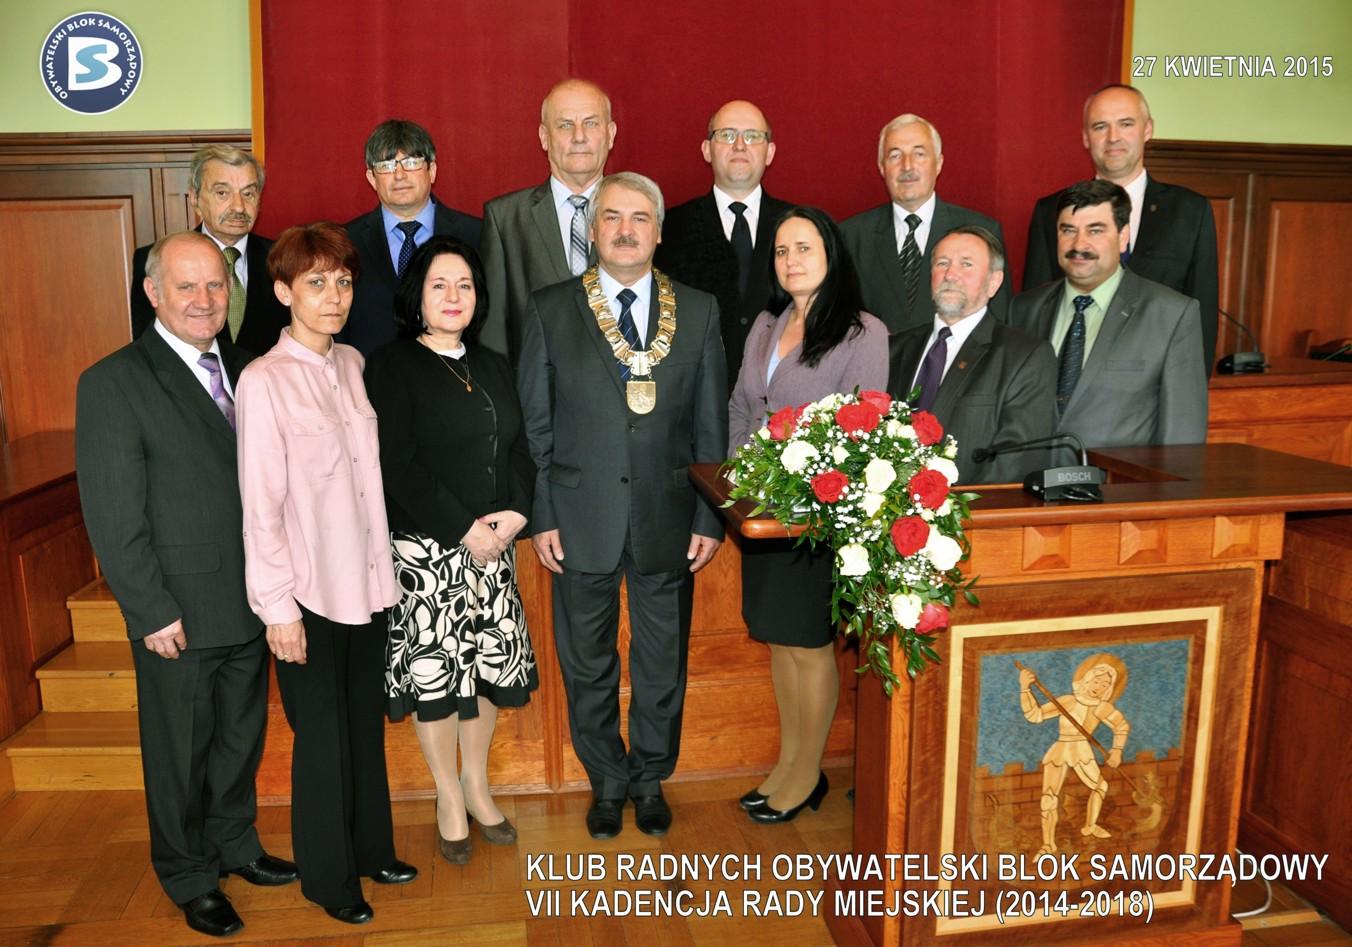 Klub Obywatelski Blok Samorządowy Rady Miejskiej Dzierżoniowa